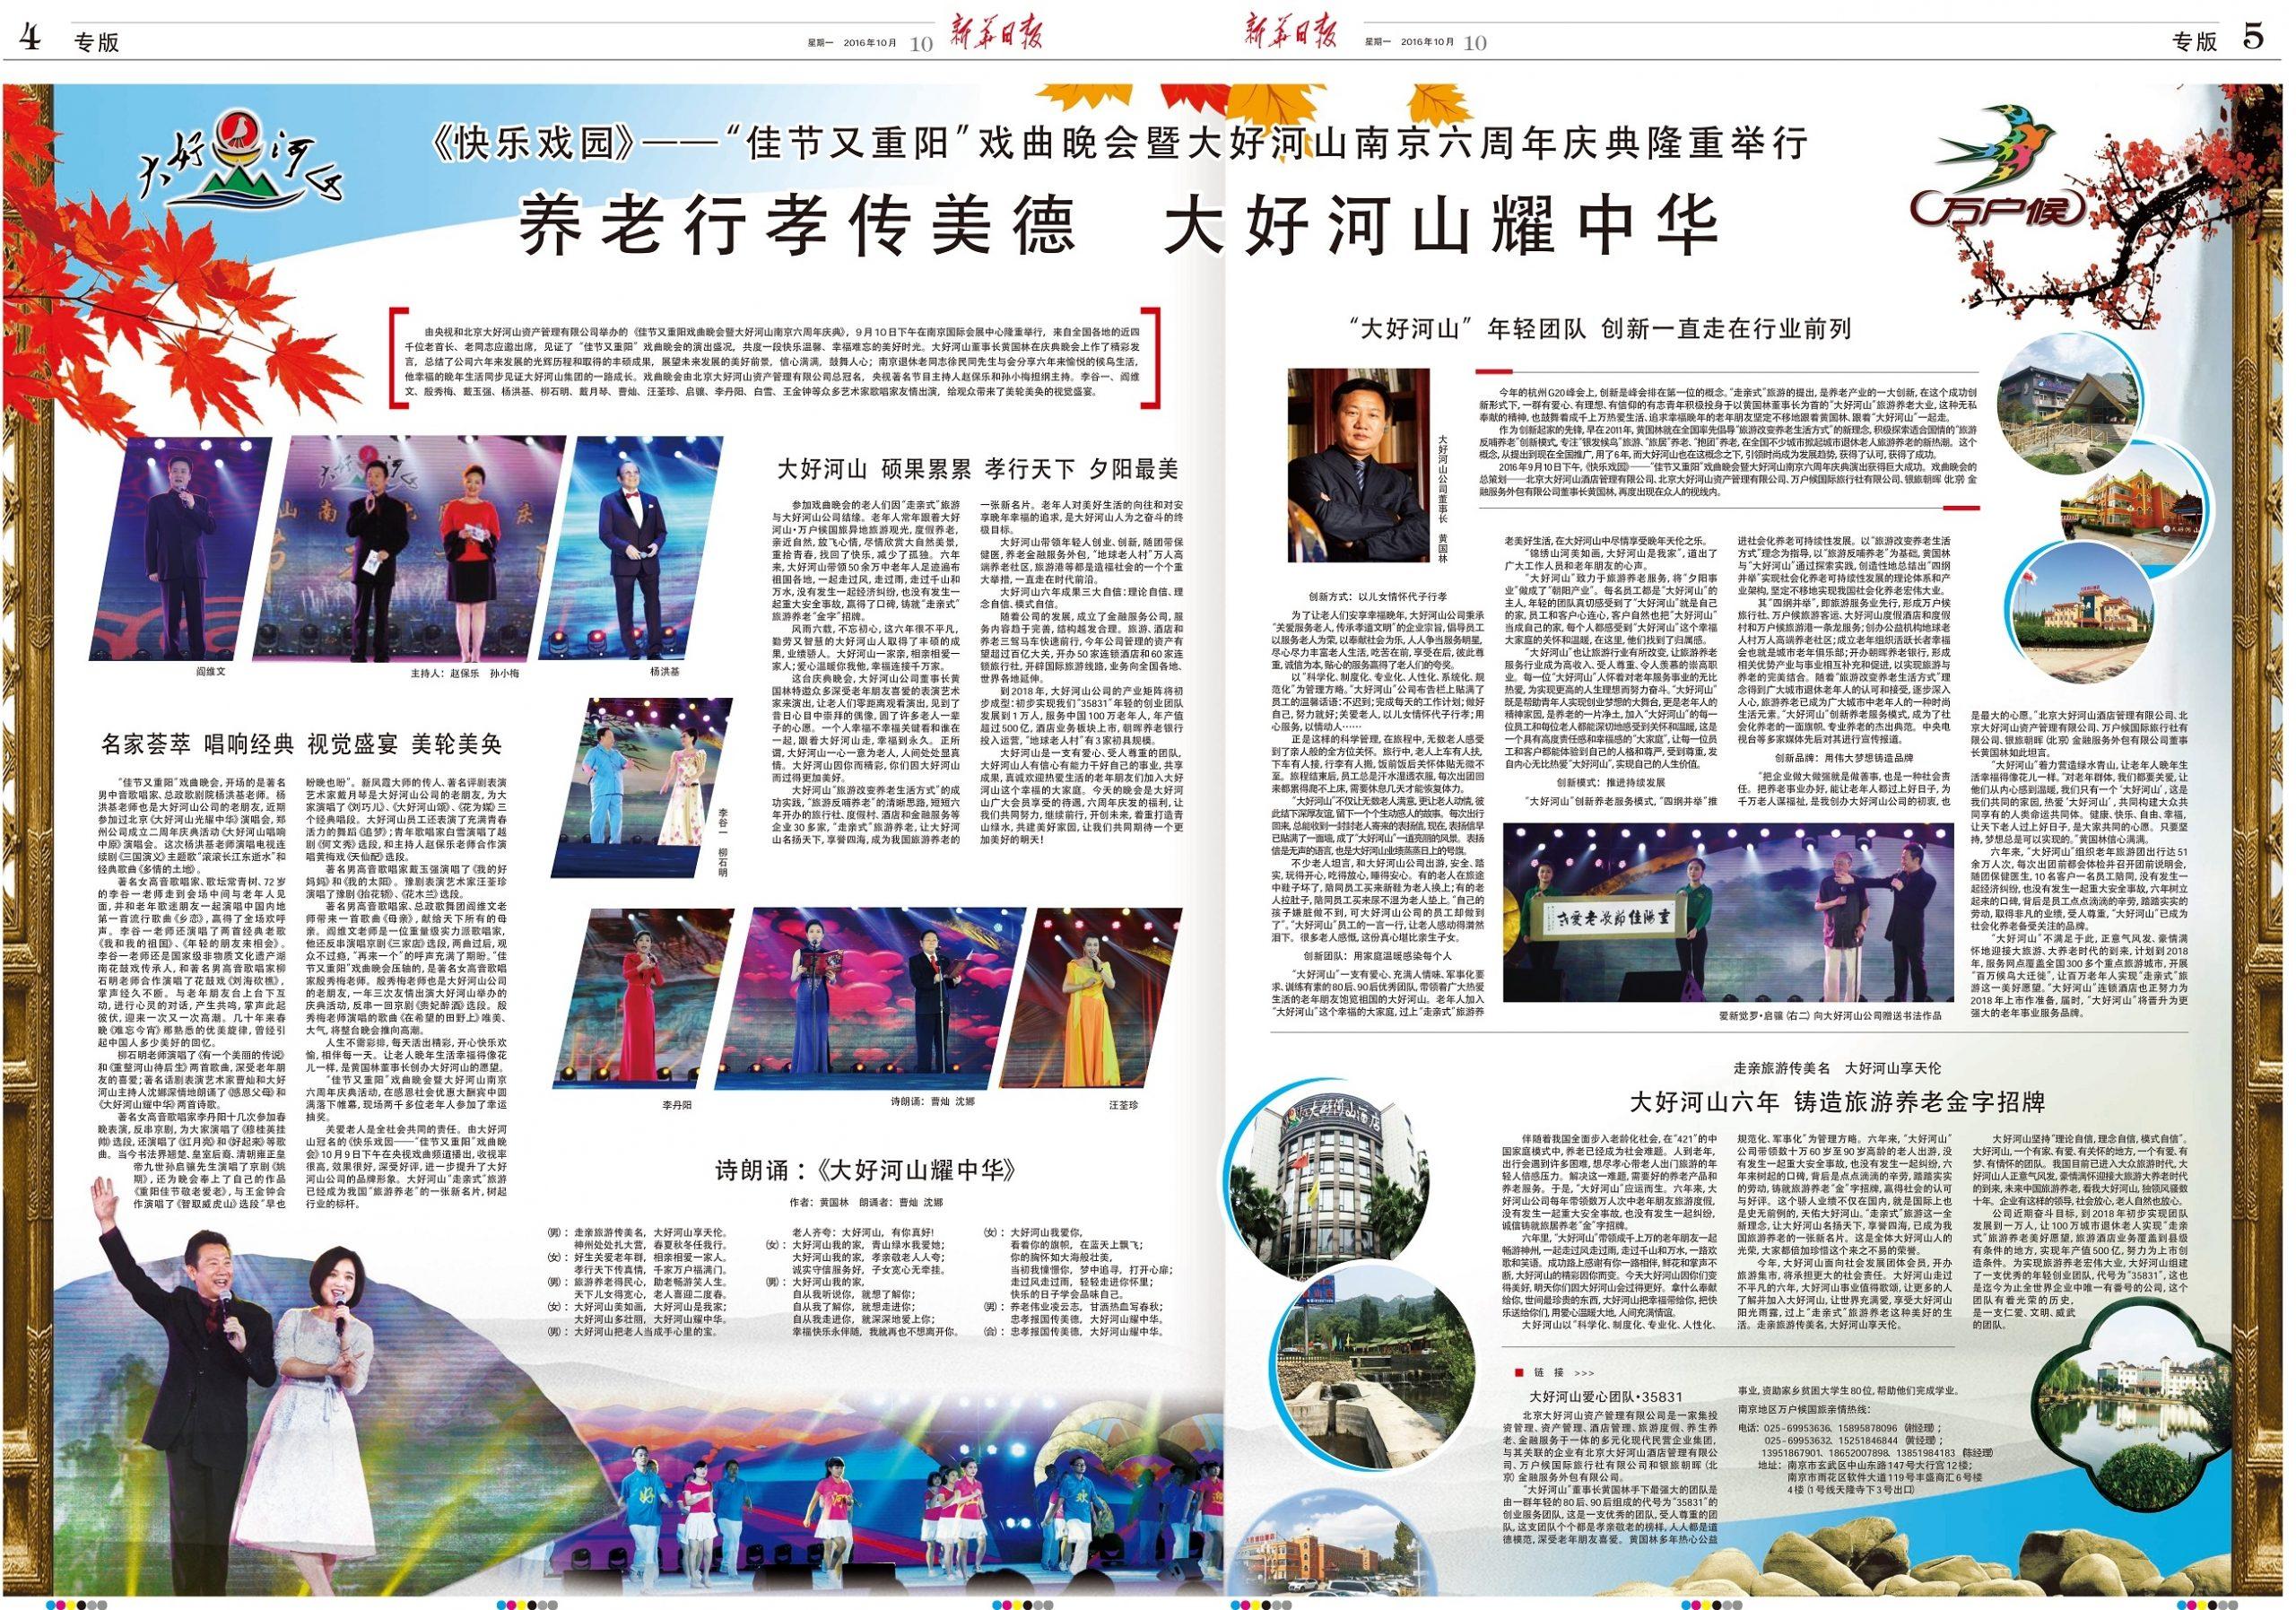 新华日报 2016-10-10 专版4-5